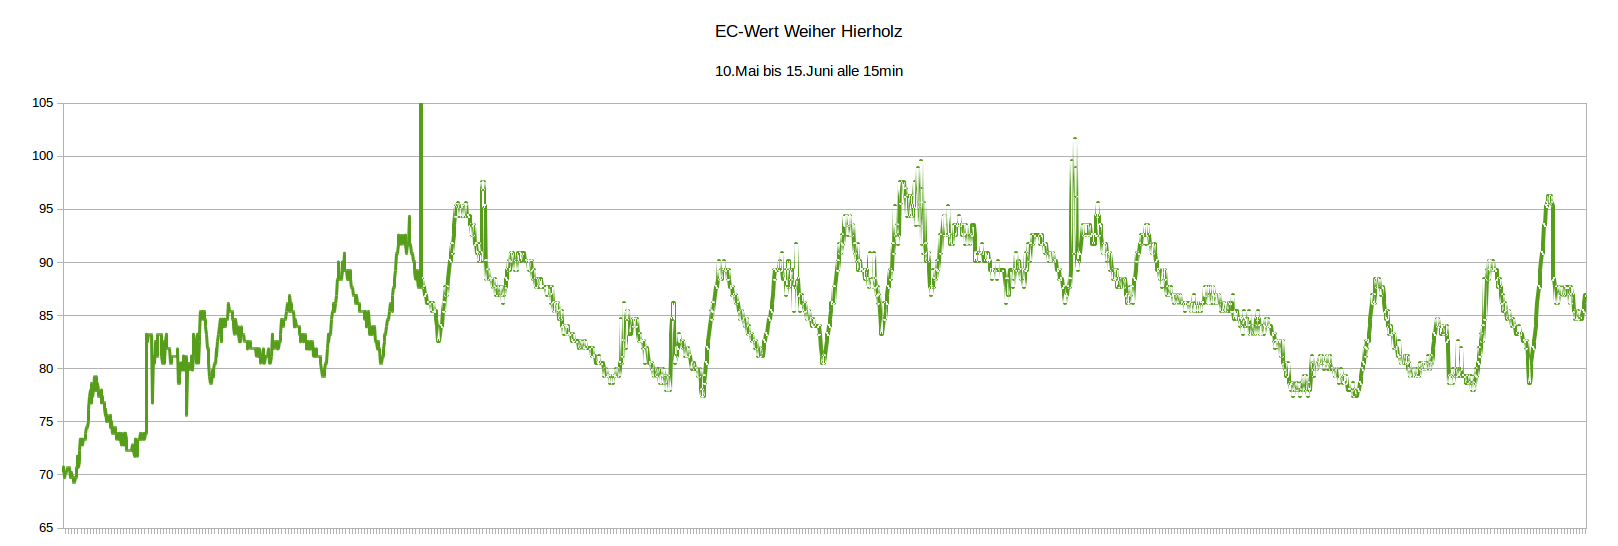 EC-Wert